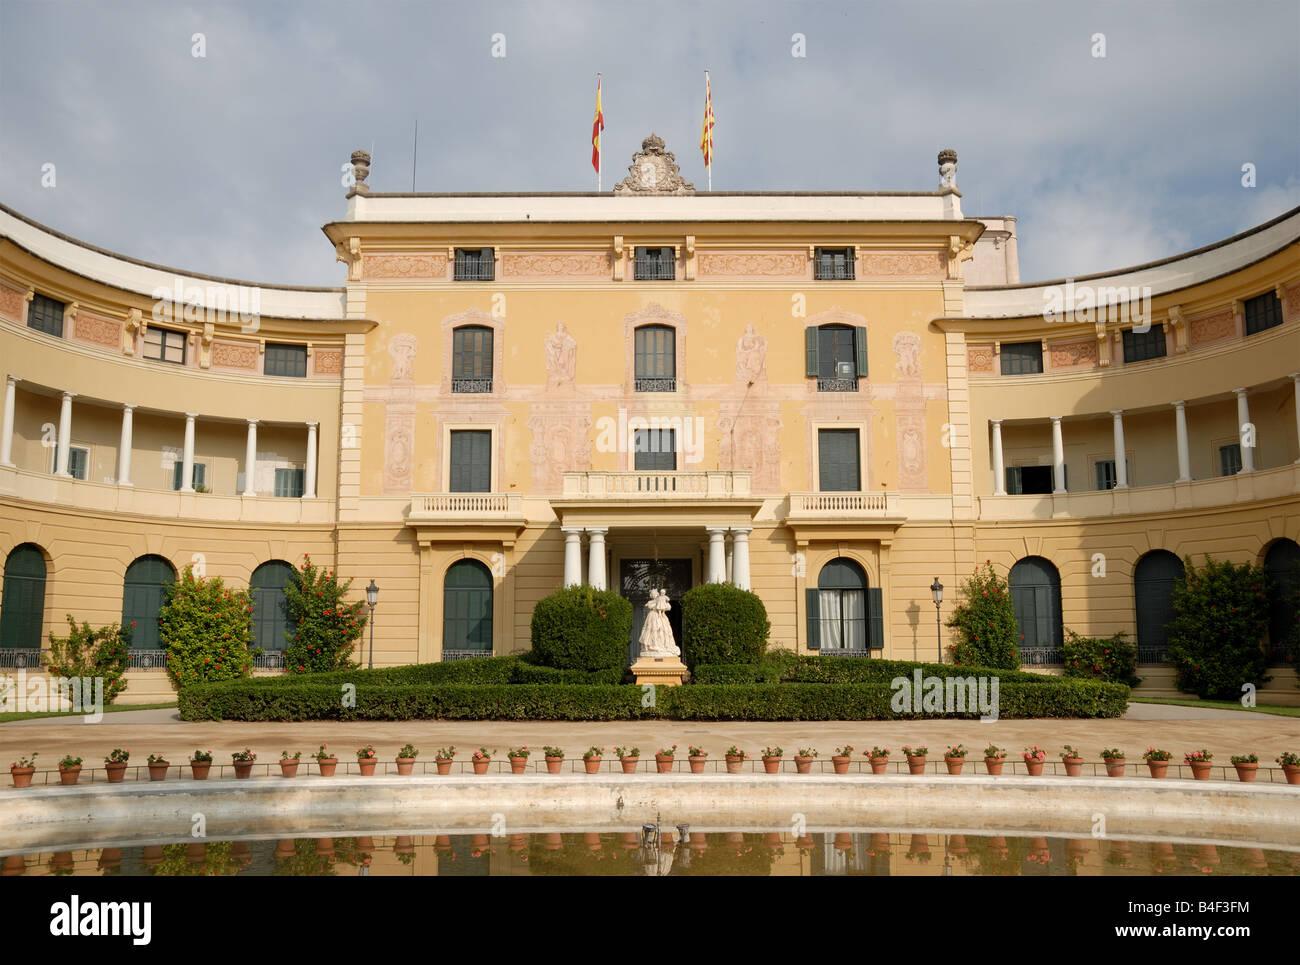 Palau Reial de Pedralbes, Barcelona, Spain - Stock Image